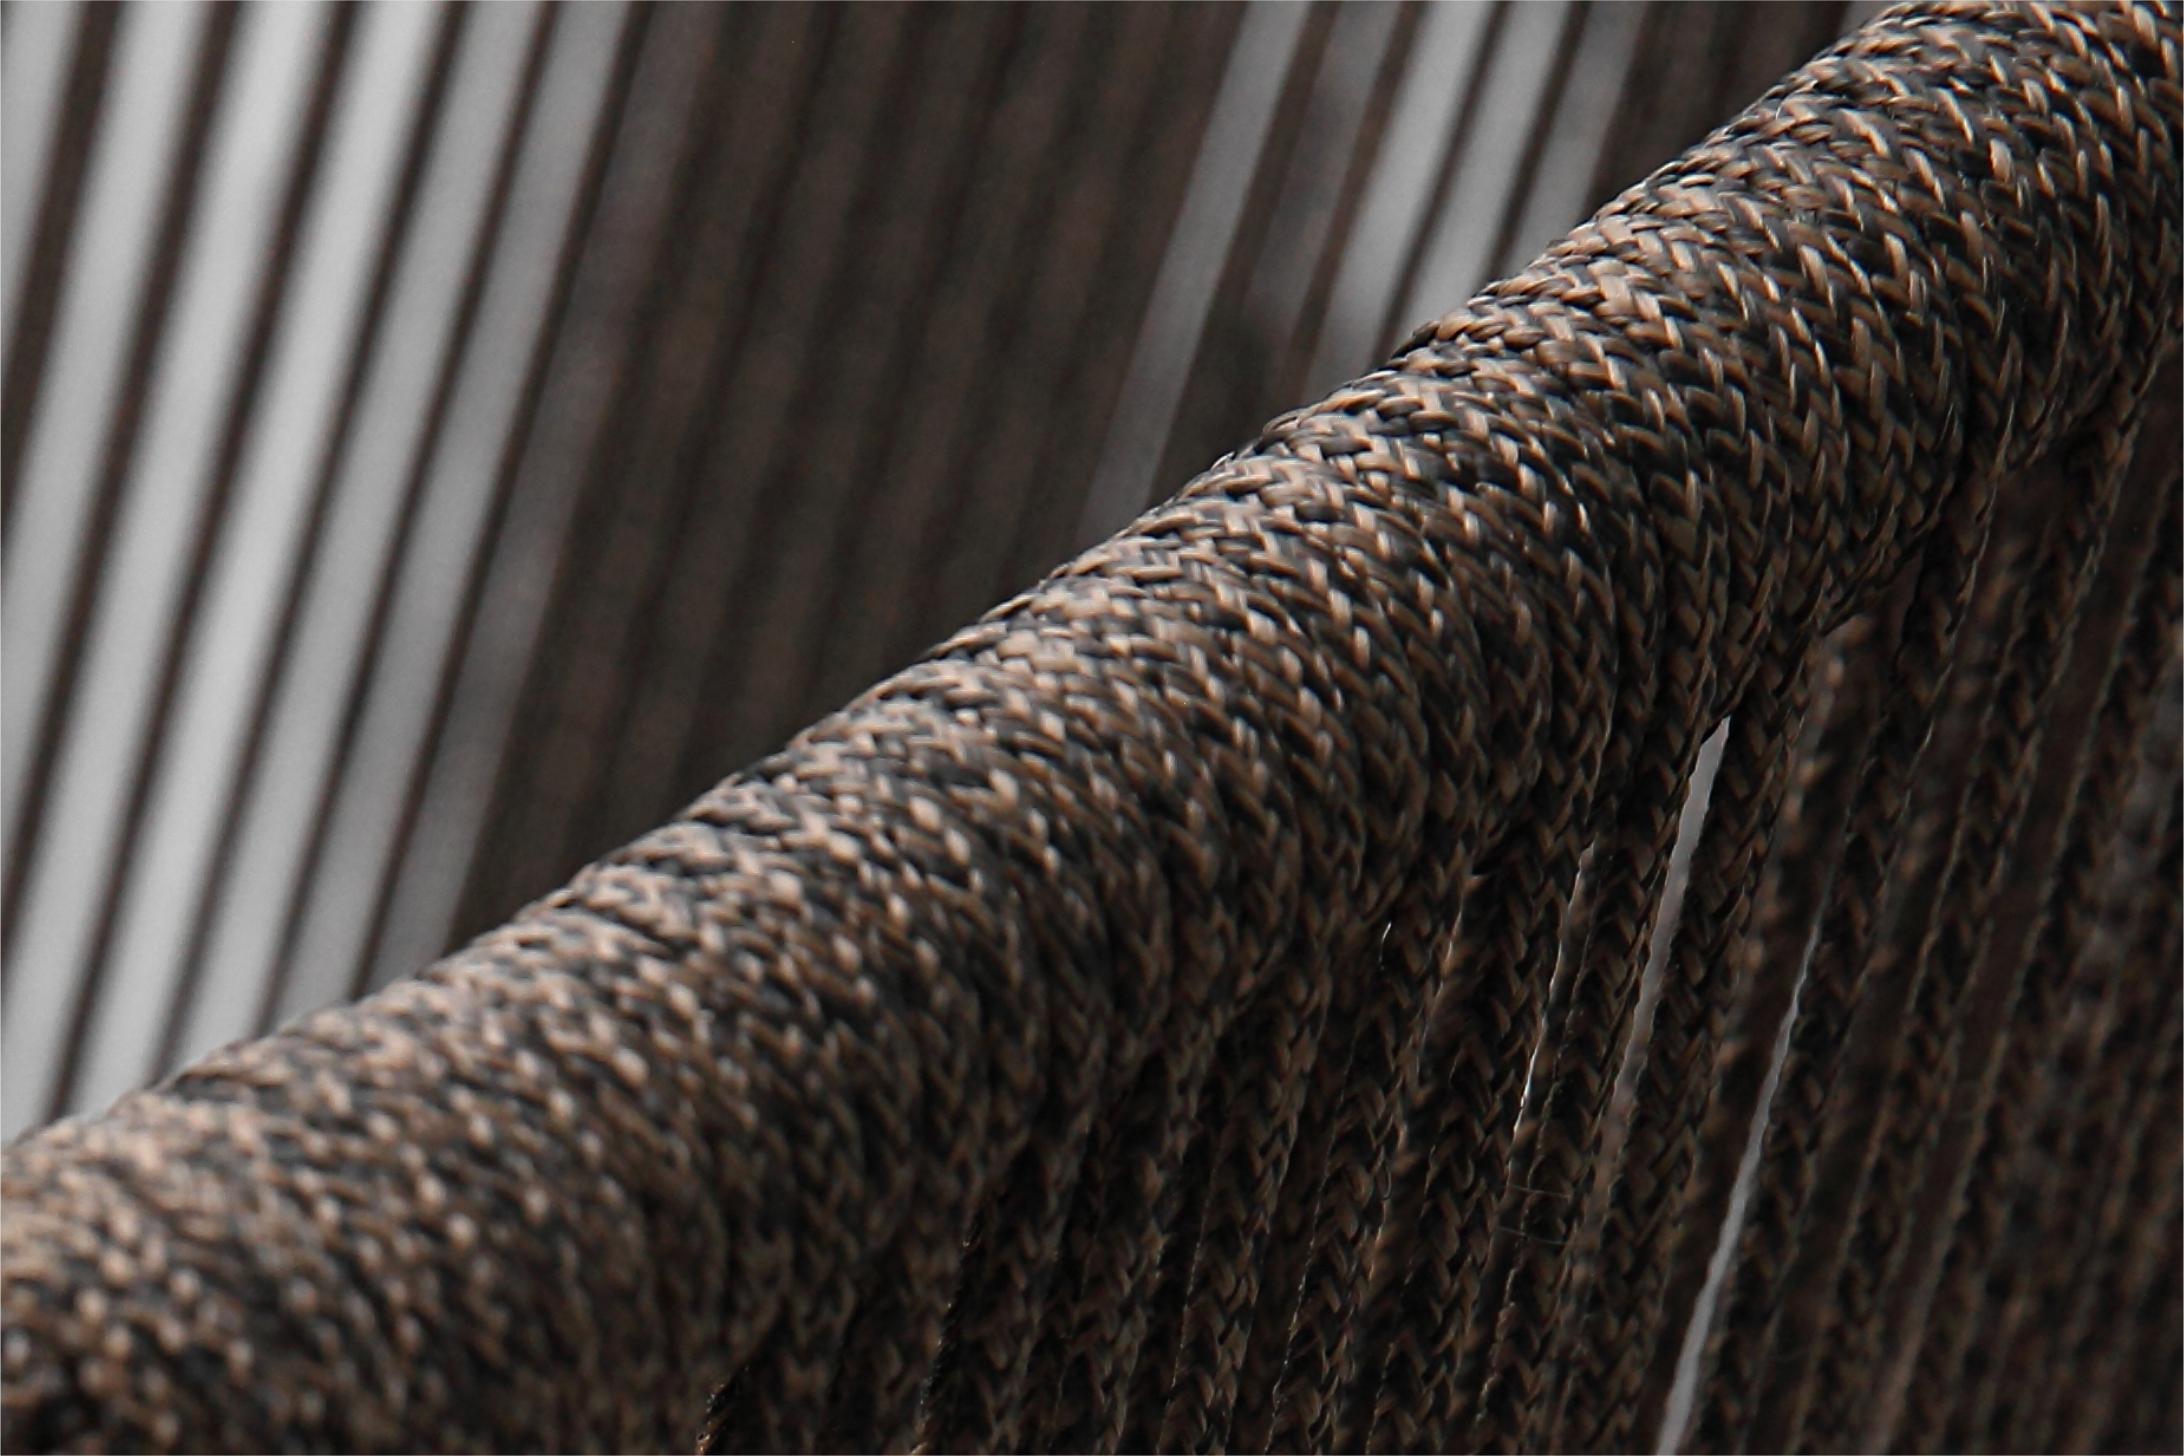 Wisanka Material Rope